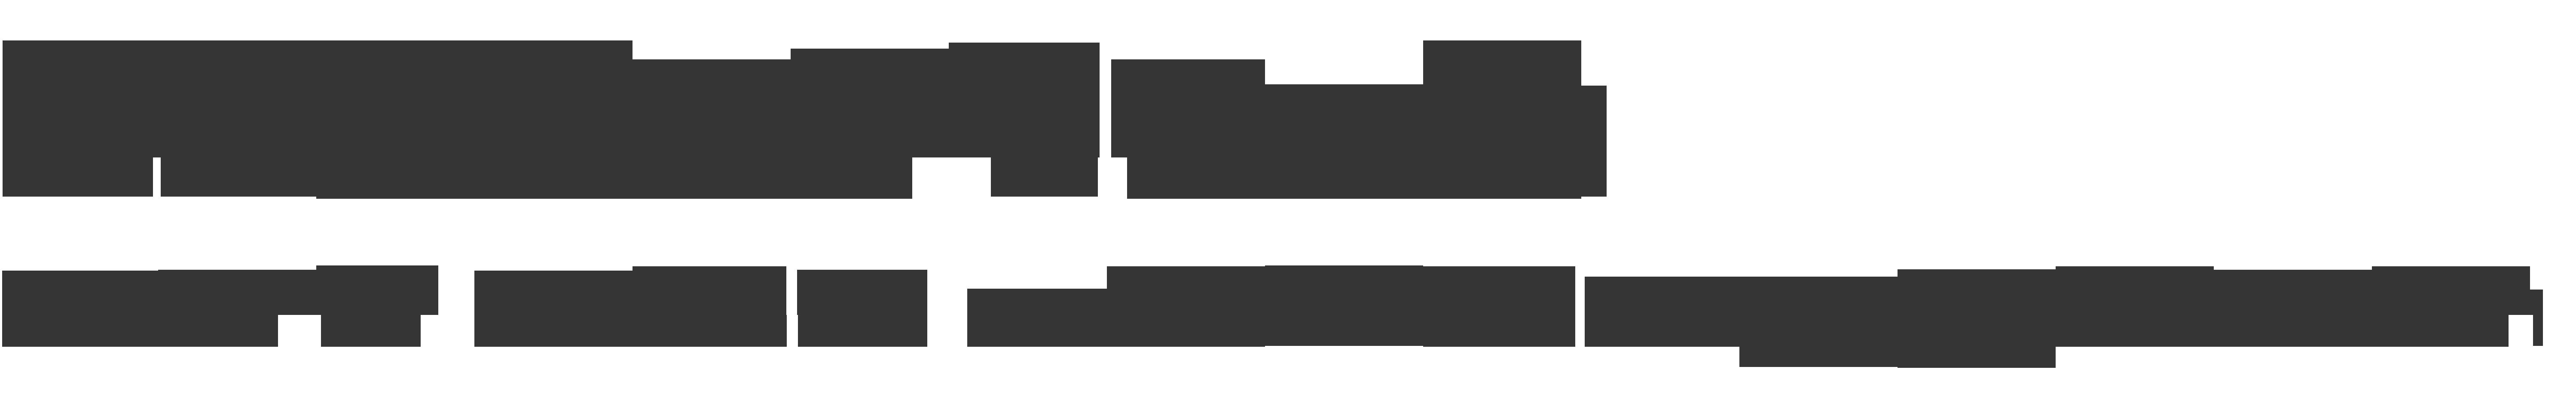 Ekkehart Fritzsch